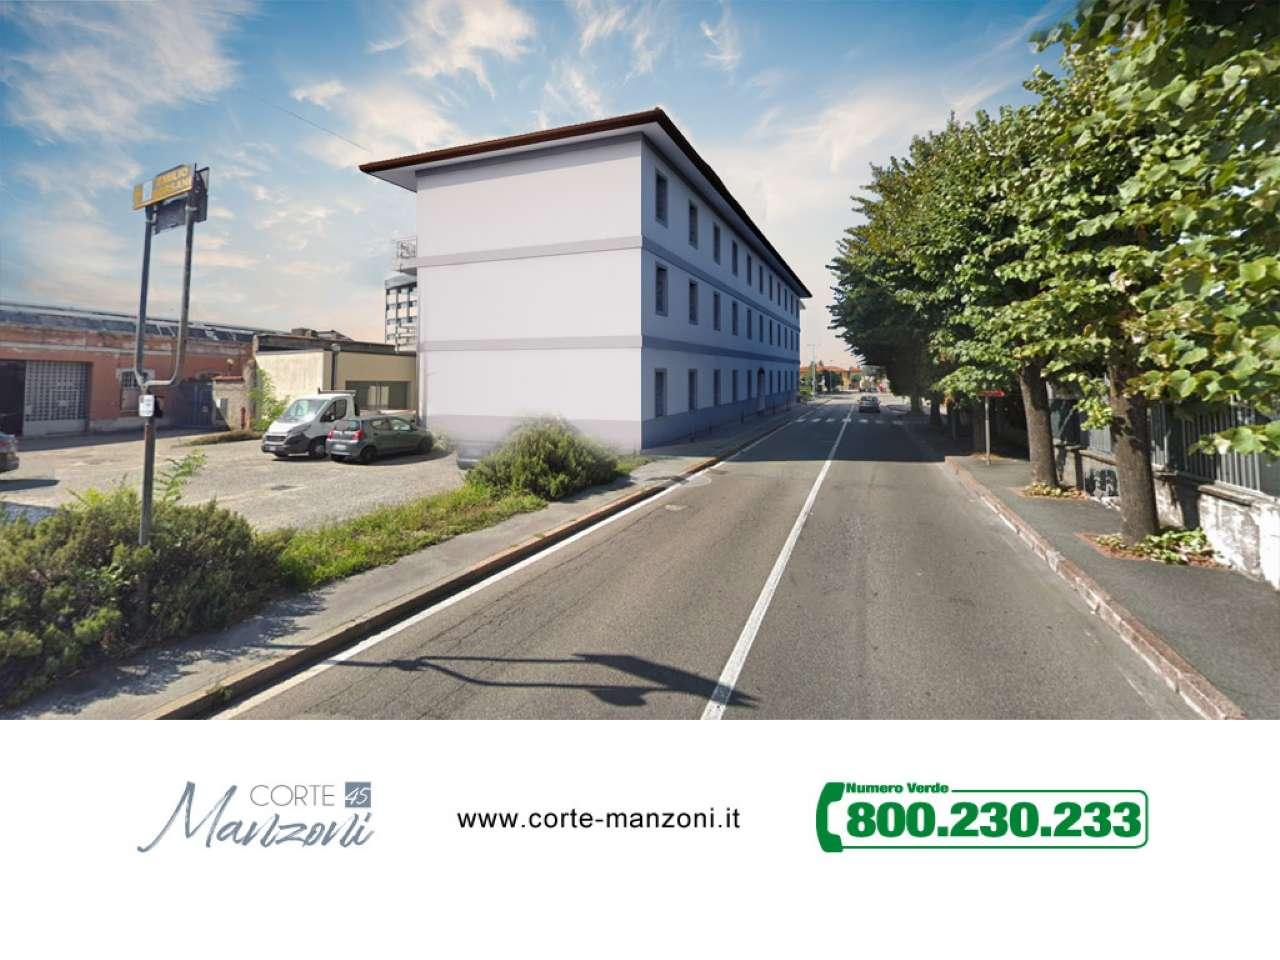 Nuovo appartamento di tre locali in Corte Manzoni, foto 6